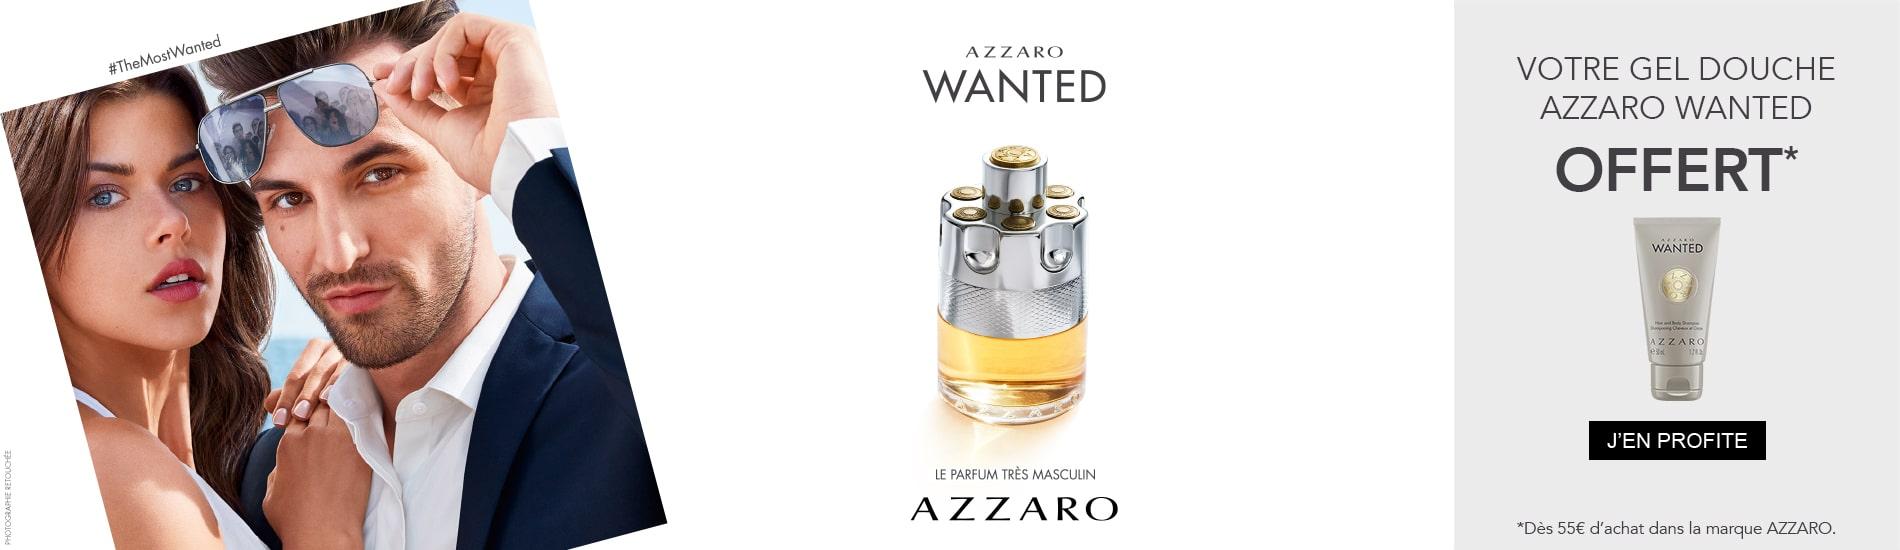 Azzaro Wanted Azzaro